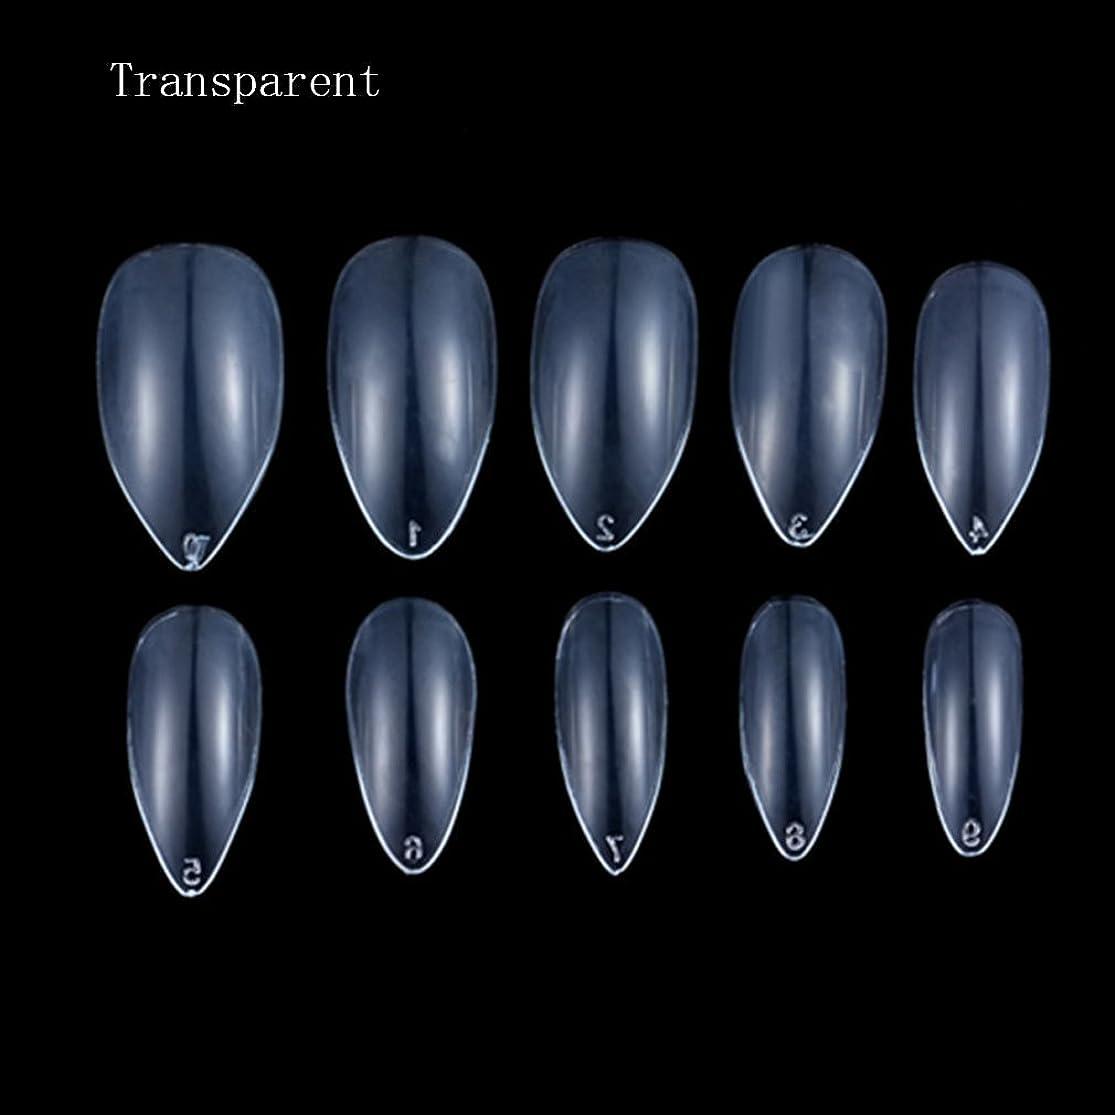 お金確立しますナインへHonel つけ爪 無地 ショート ネイルチップ クリア ネイルチップ 短い 100枚入れ 10サイズ 爪にピッタリ 尖った爪 付け爪 ケース付き 透明 シャープ ポイント(ハロウィン コスプレも対応できます)